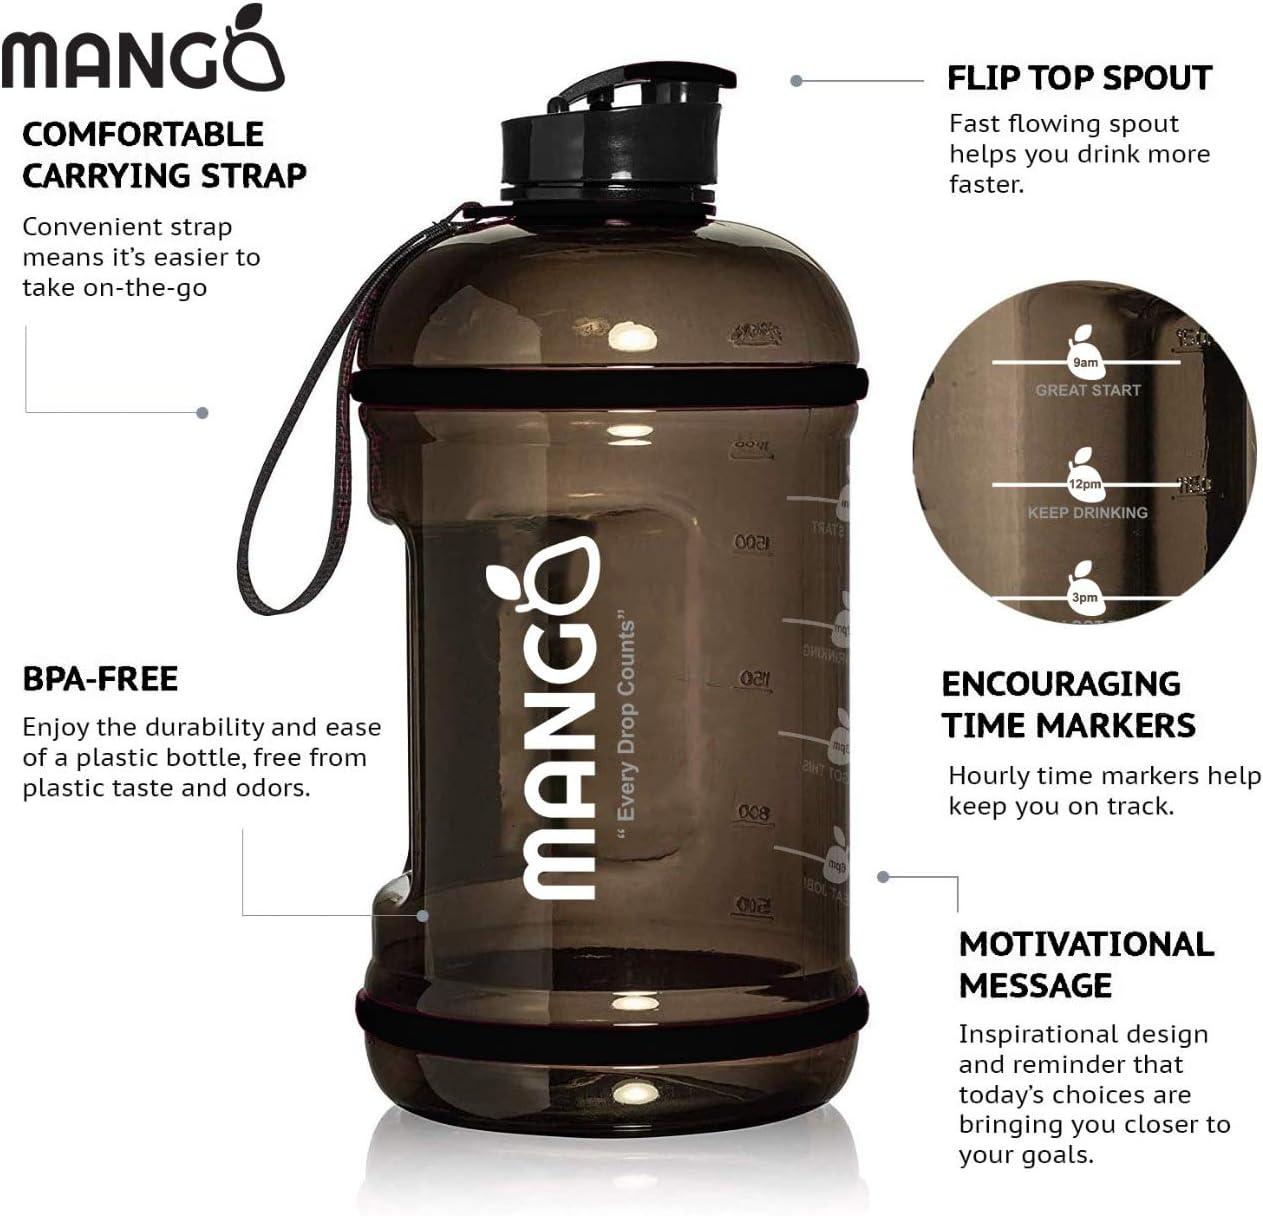 hombres y mujeres Mango botella de agua de 2,2 litros con marcas de tiempo motivacionales ideal para gimnasio al aire libre botellas deportivas duraderas con tapa abatible sin BPA